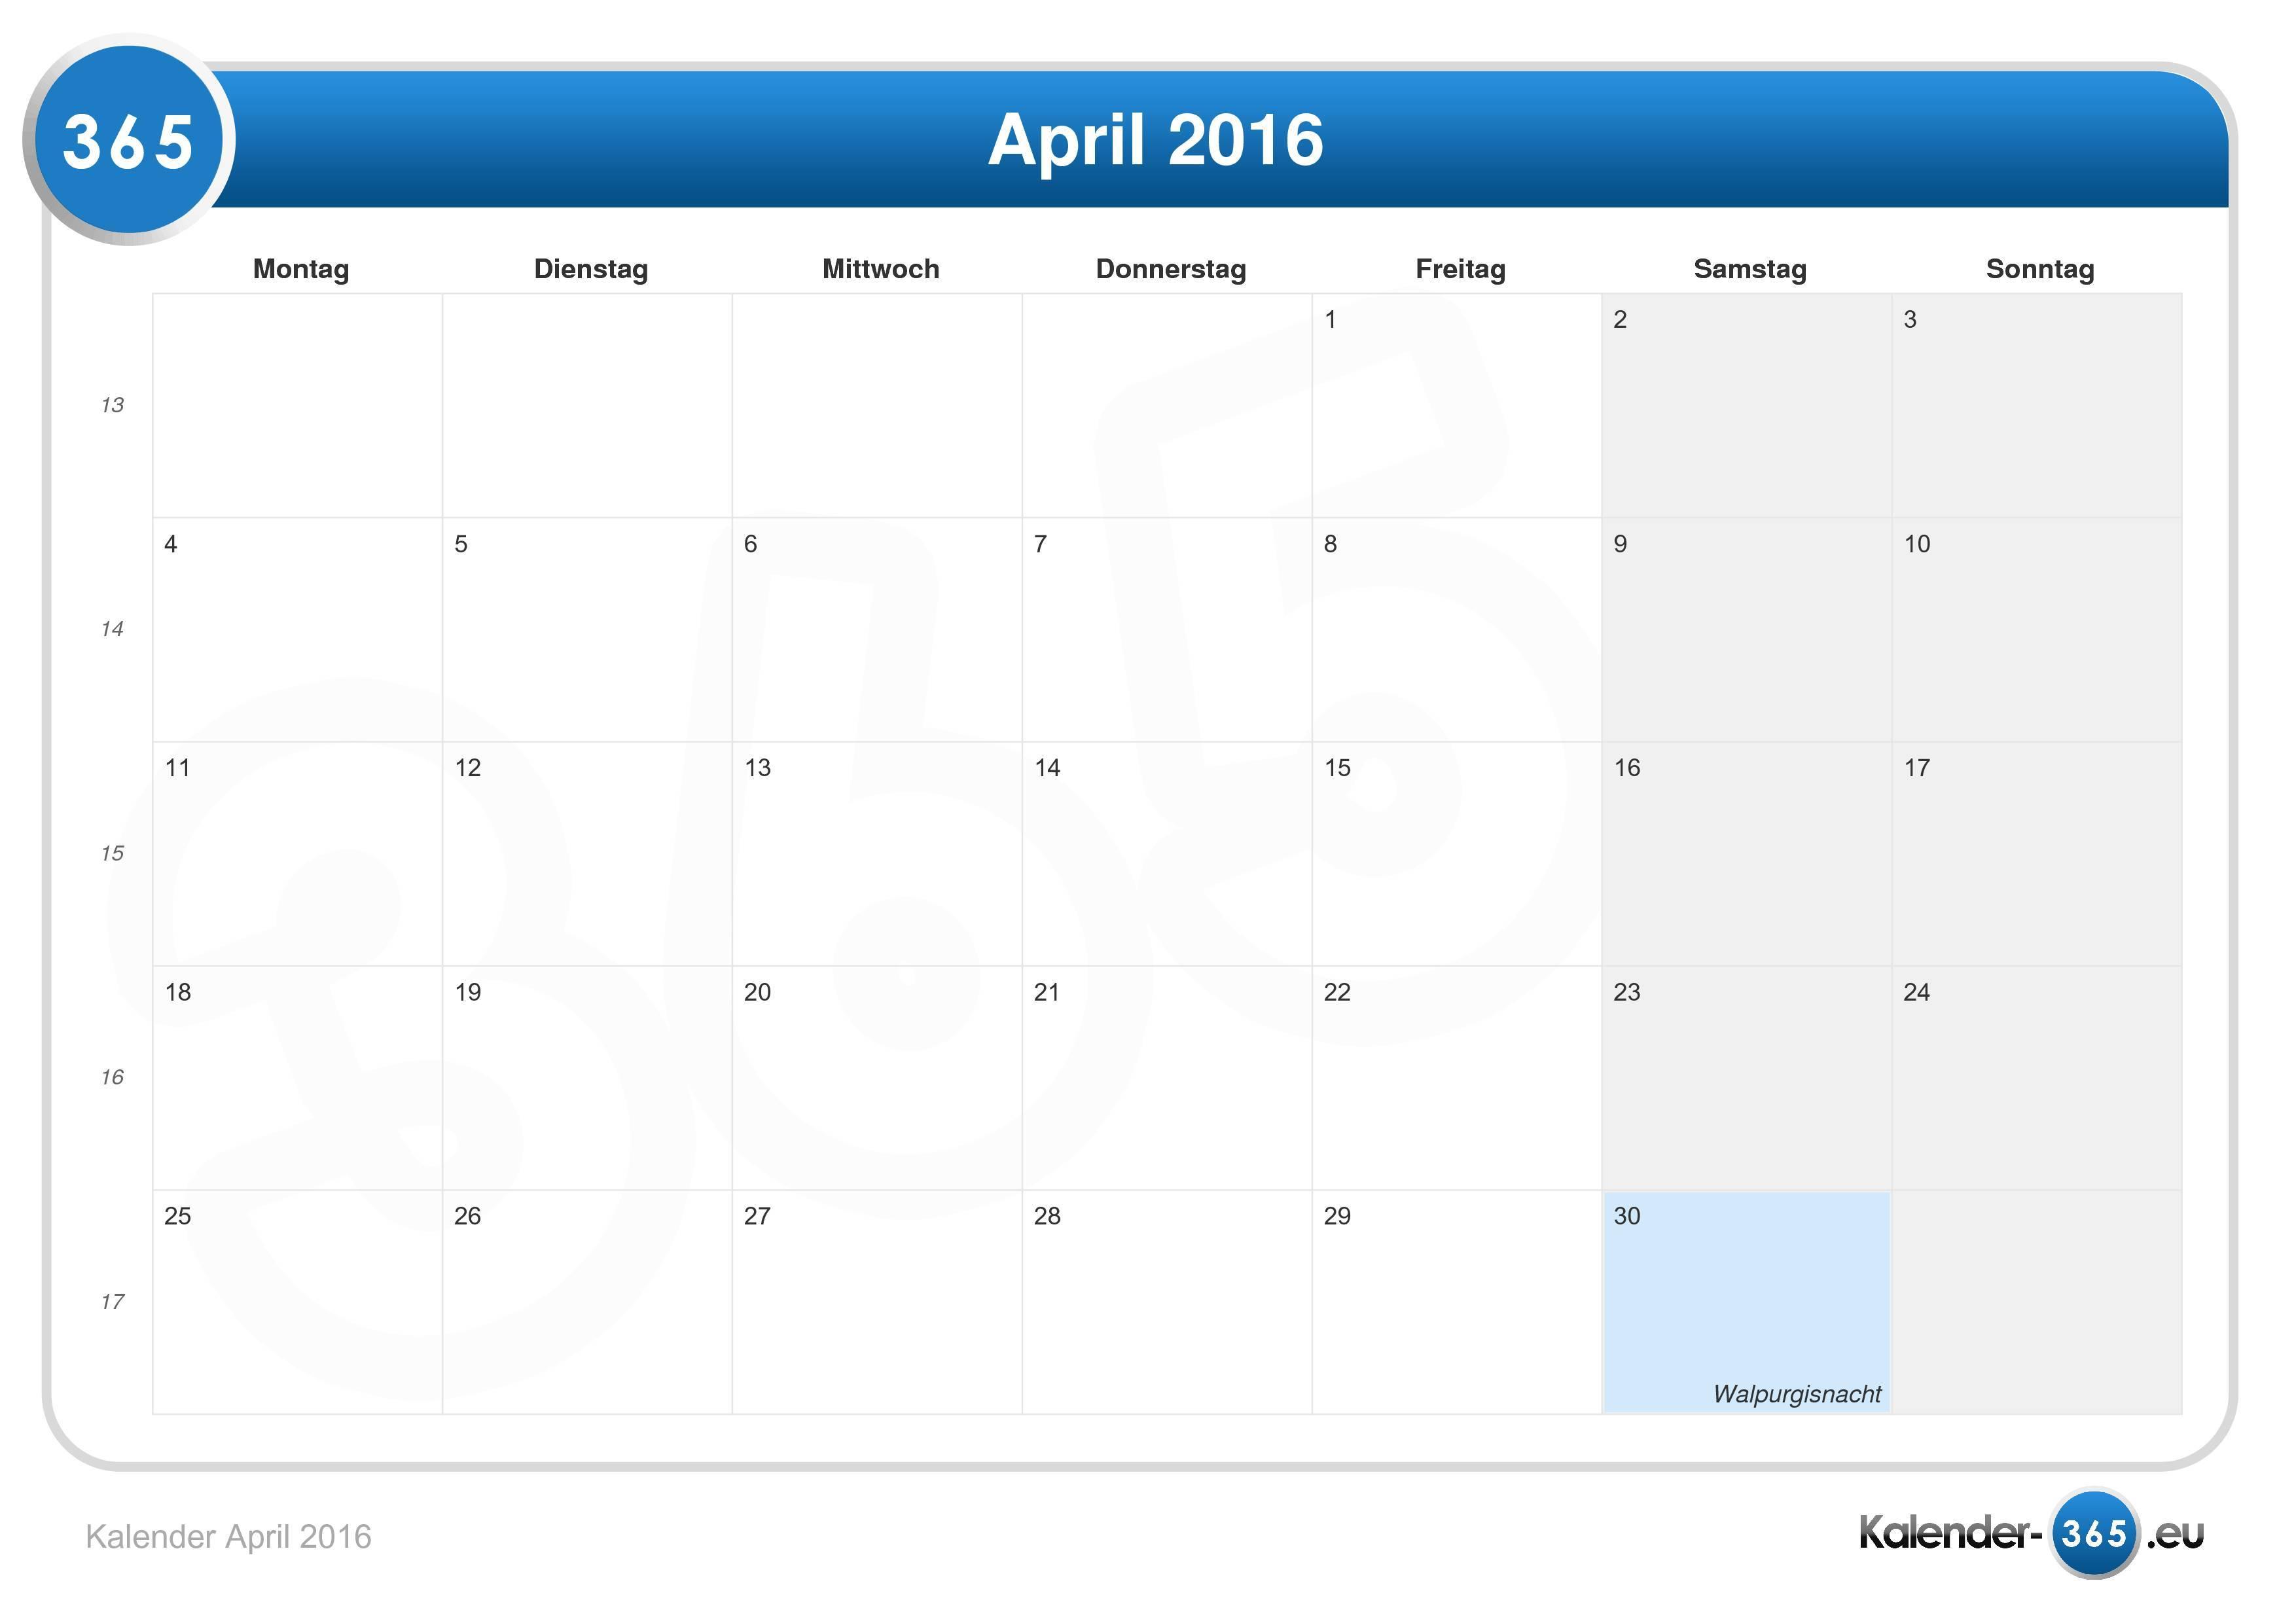 Kalender April 2016